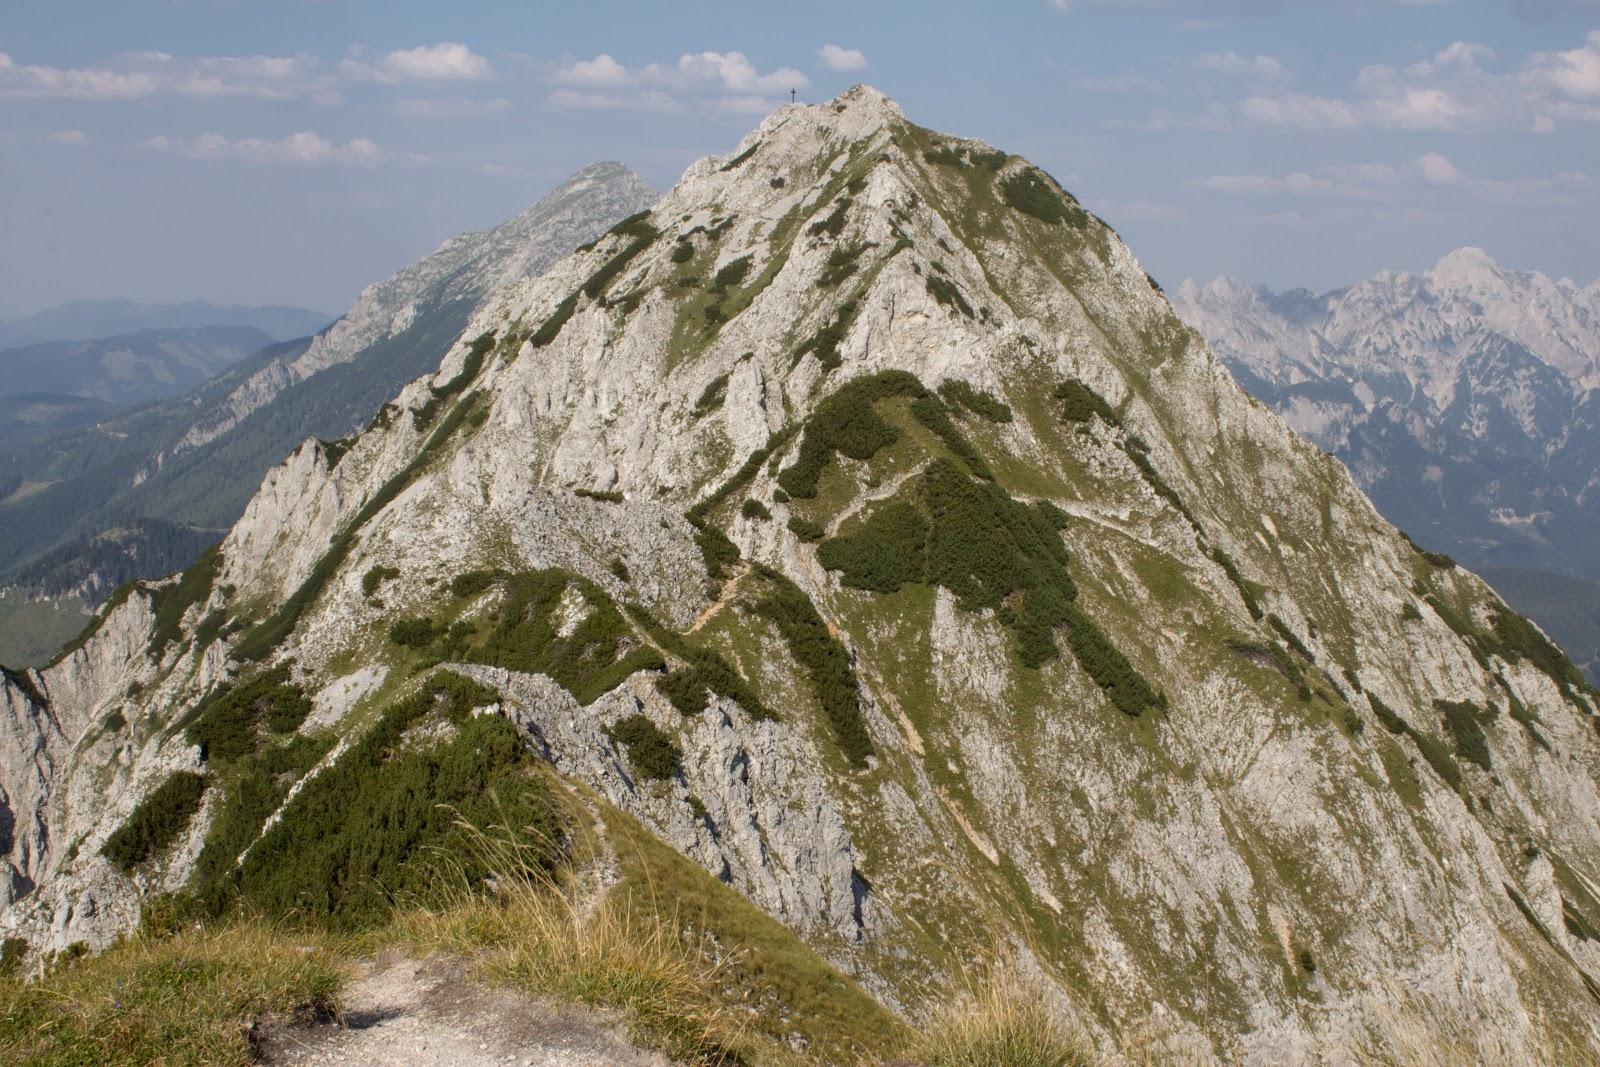 Von der Ardningeralmhütte über den Wildfrauensteig auf Frauenmauer, Bosruck und Kitzstein. - Blick auf den Kitzstein